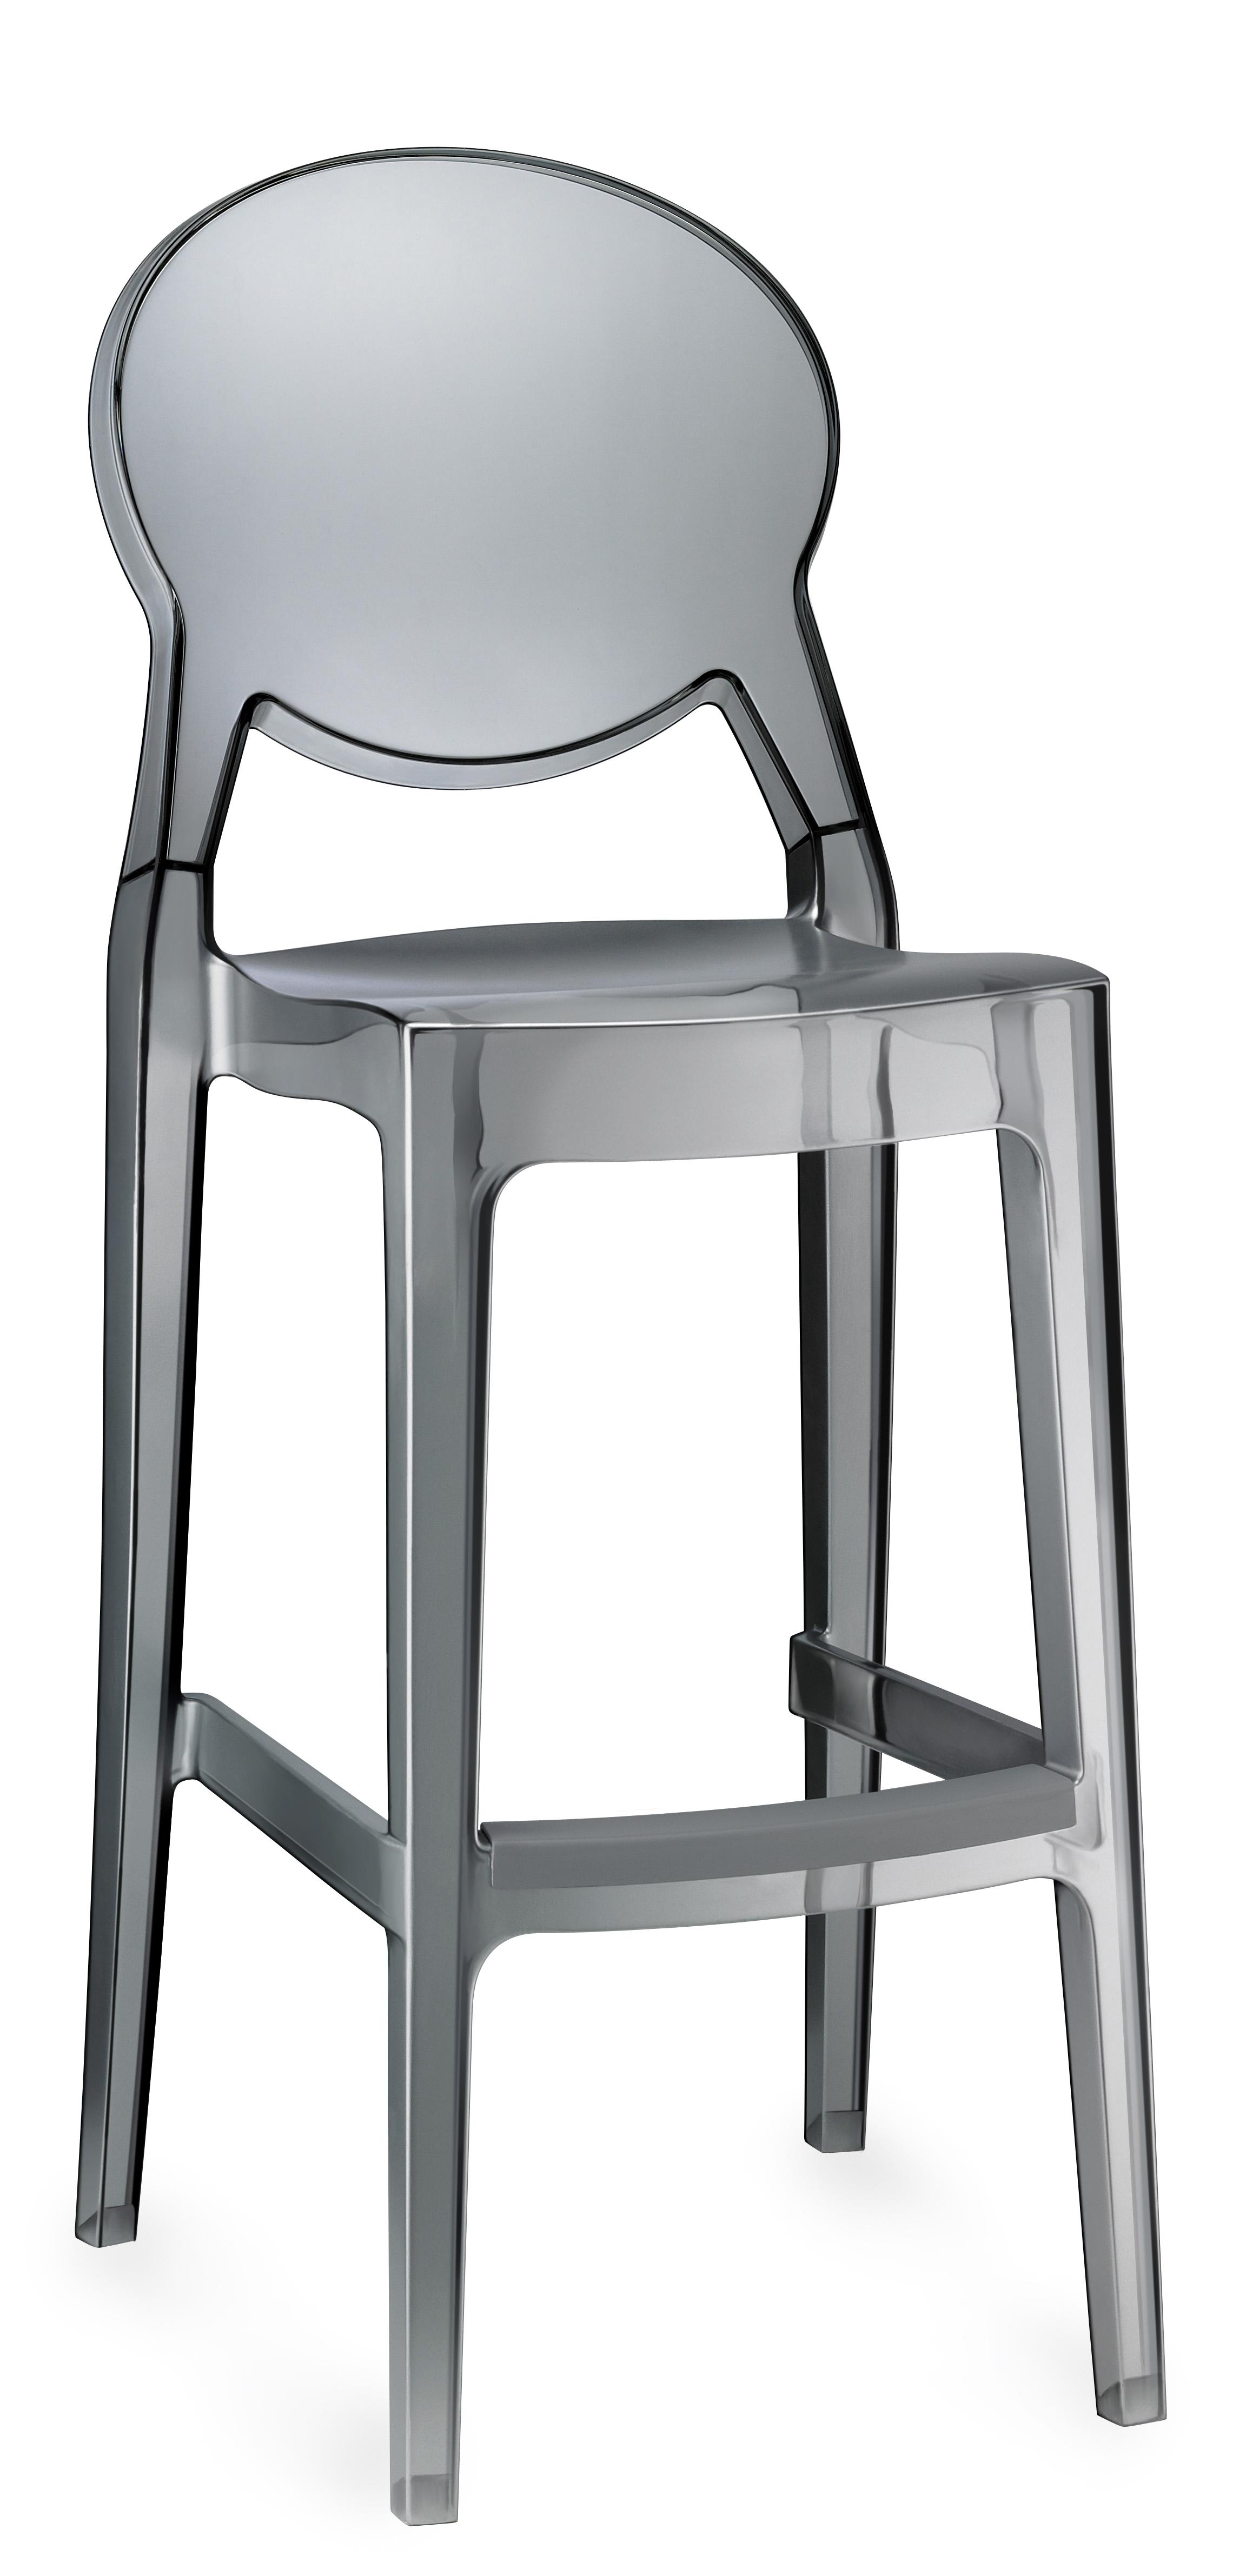 De Ikea Bar Pivotant Idée La Maison Tabouret Et Pour Cuisine qSMpULVGzj